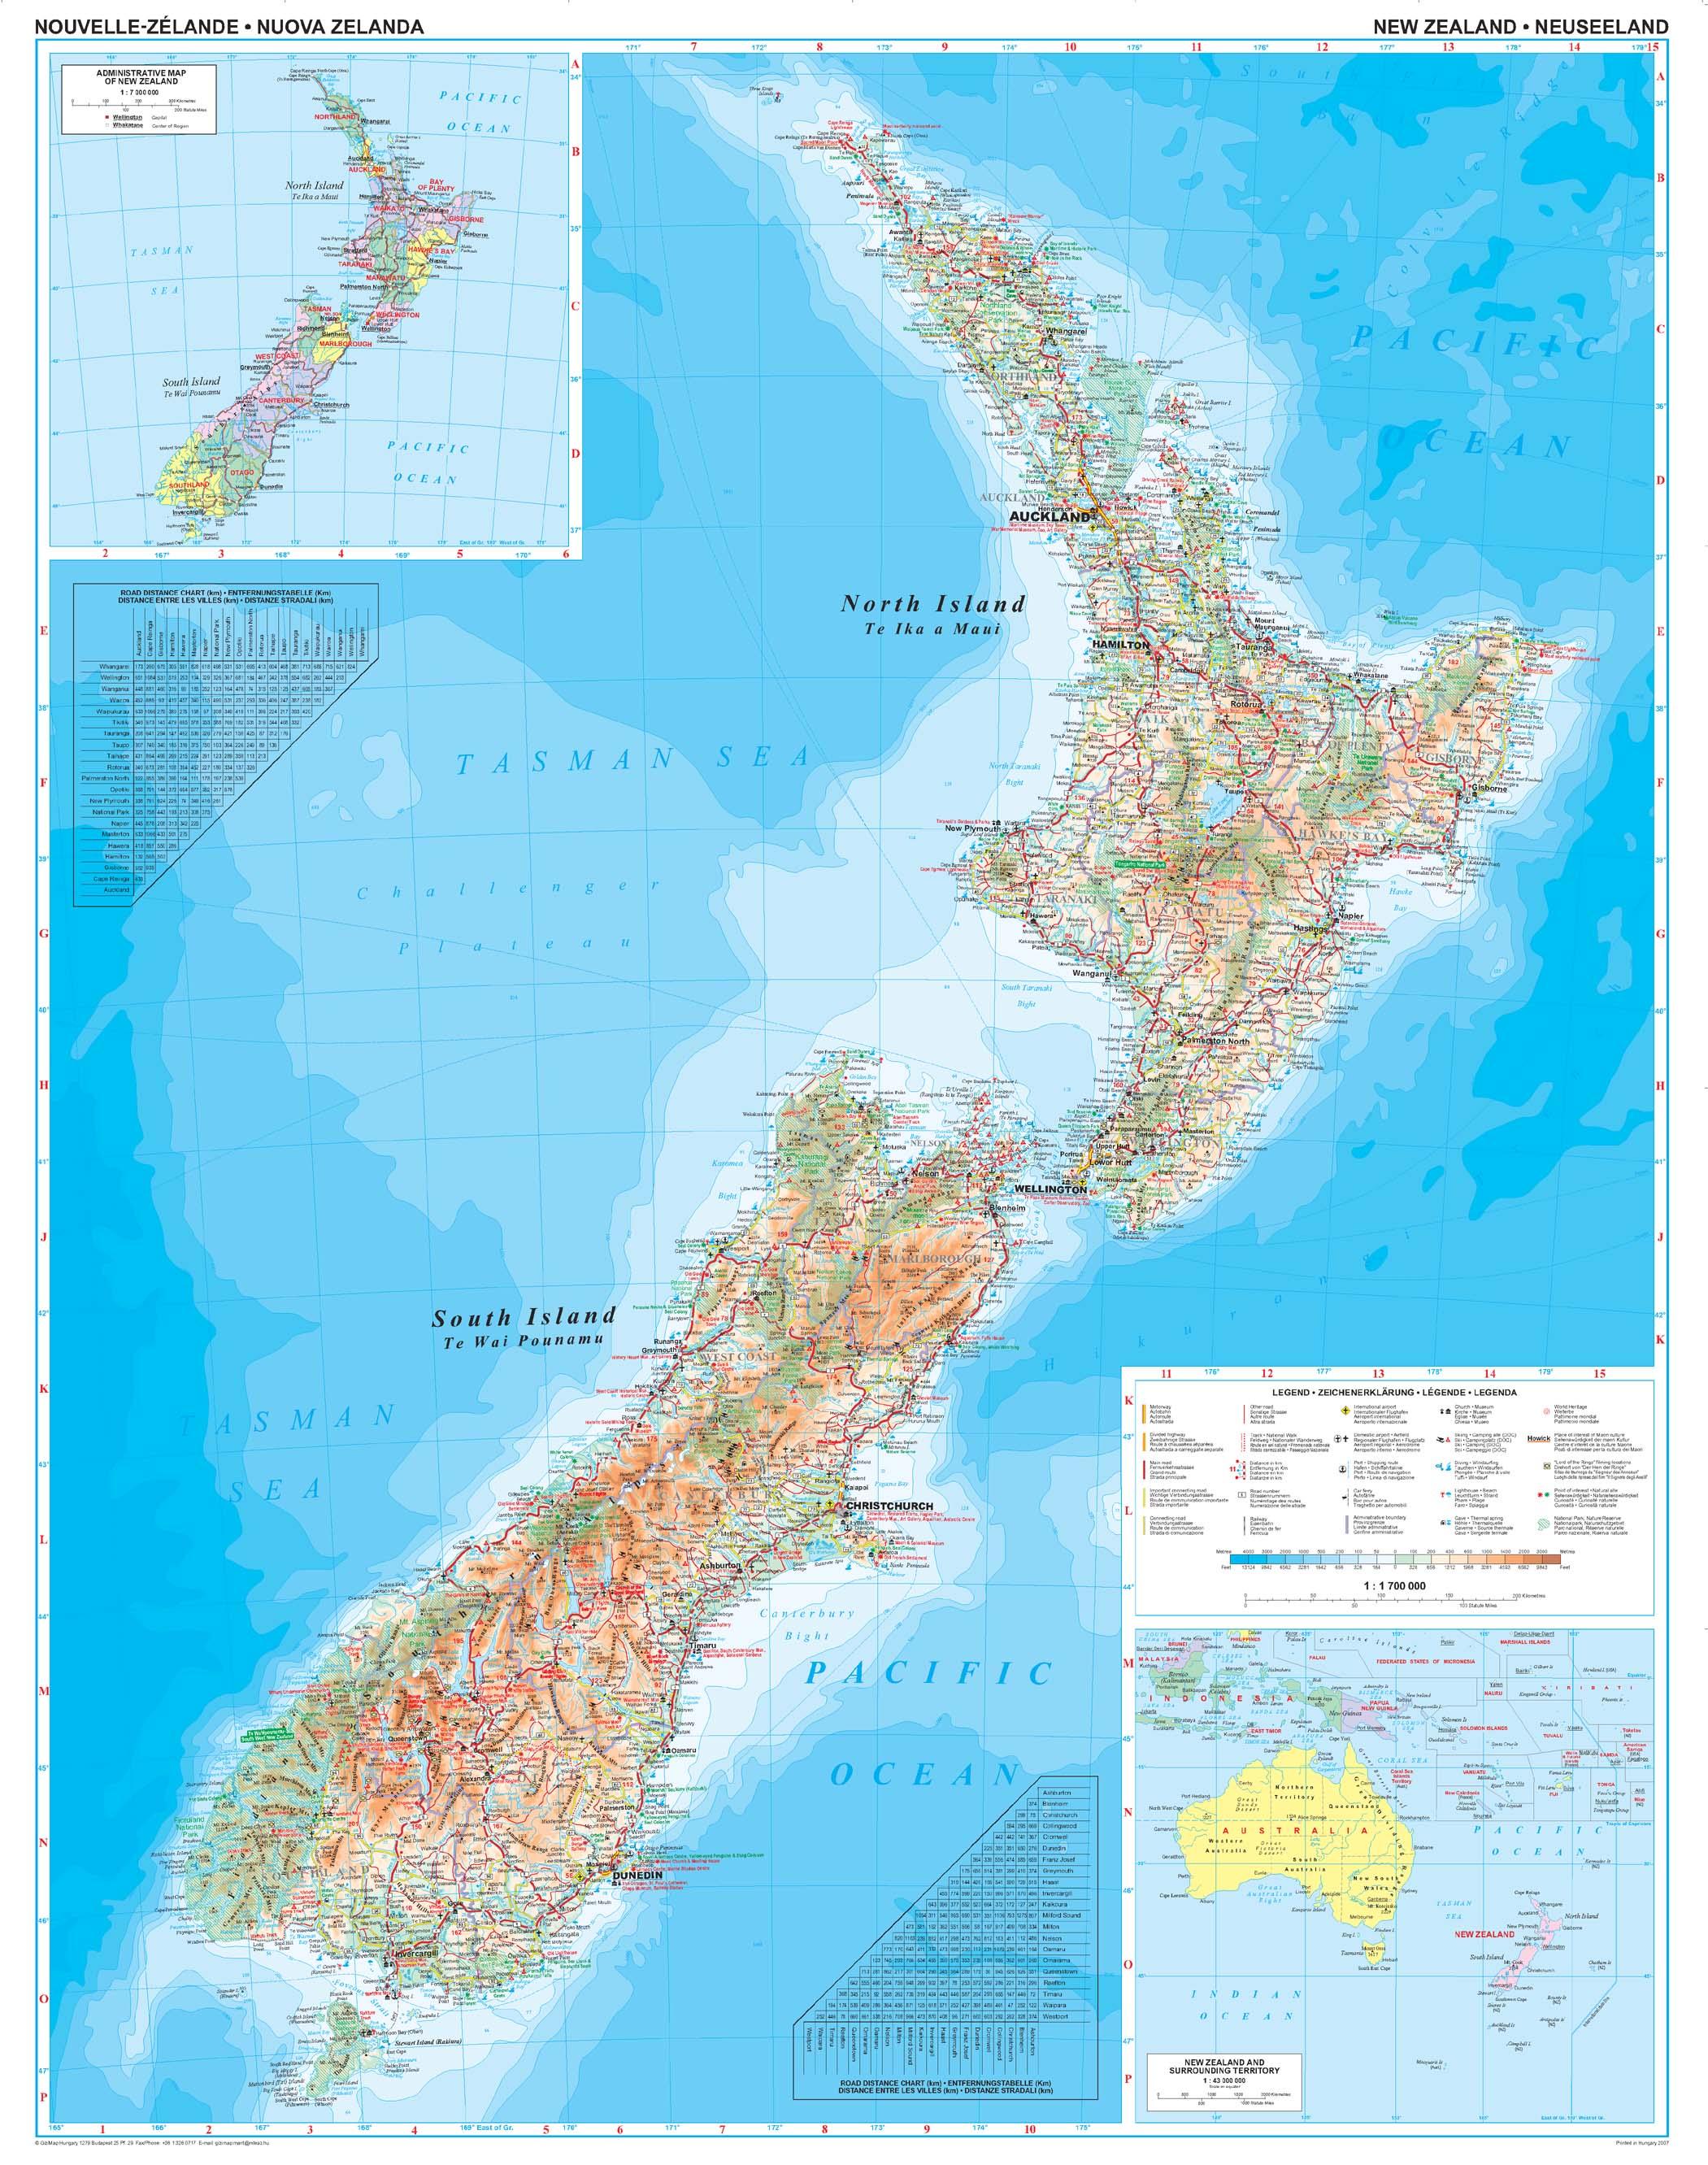 Neuseeland Neu Entdecken Viele Poster Im Angebot Blog Neuigkeiten